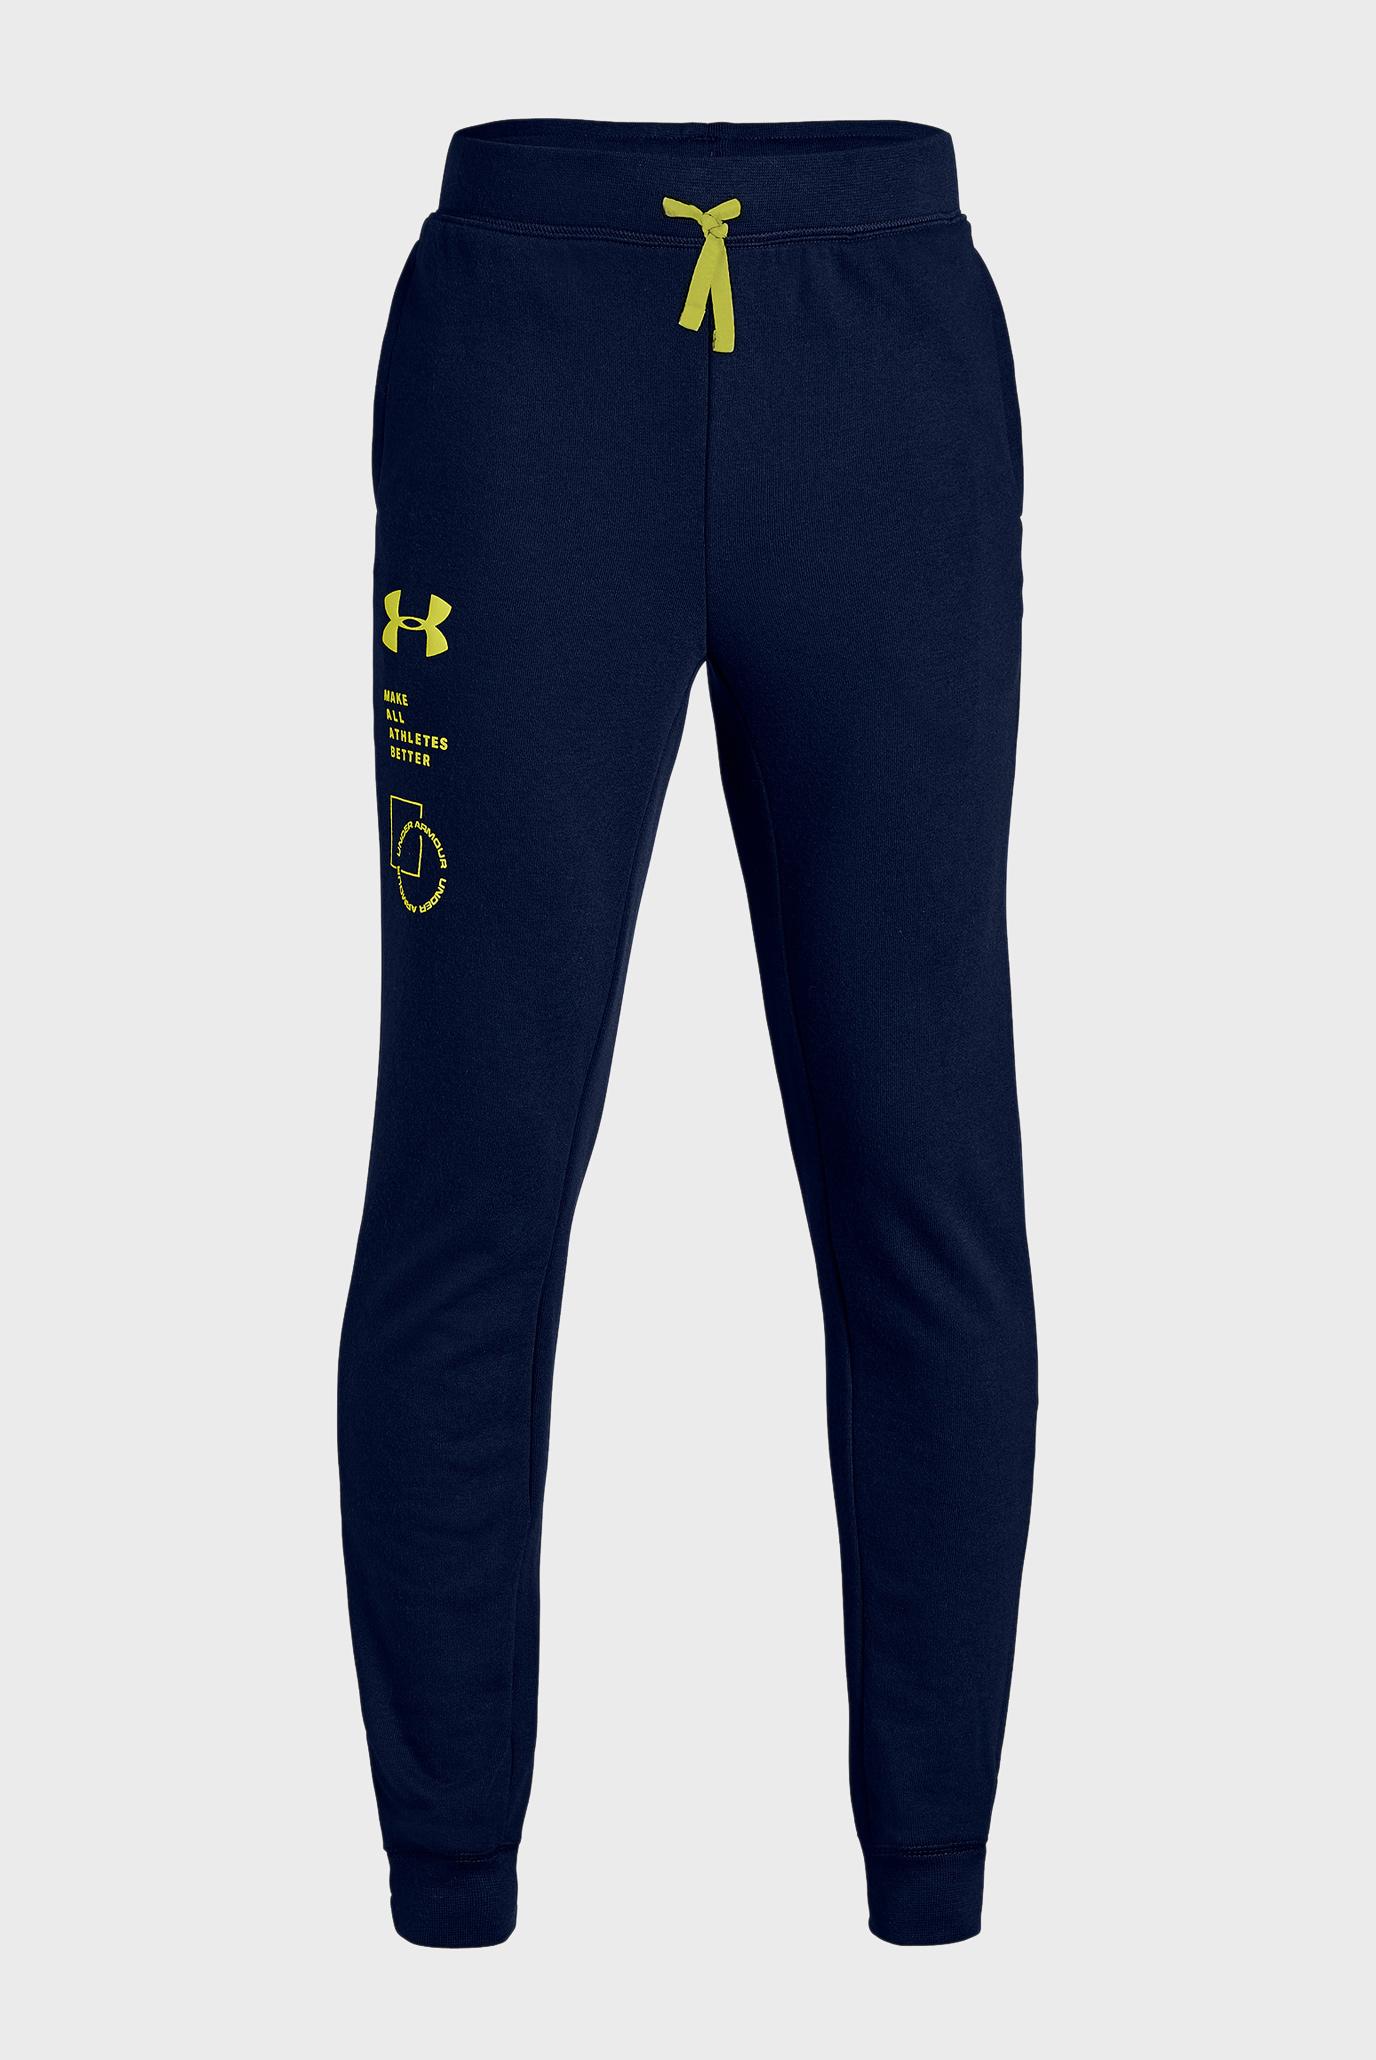 Купить Детские темно-синие спортивные брюки Rival Terry Pant Under Armour Under Armour 1333037-408 – Киев, Украина. Цены в интернет магазине MD Fashion